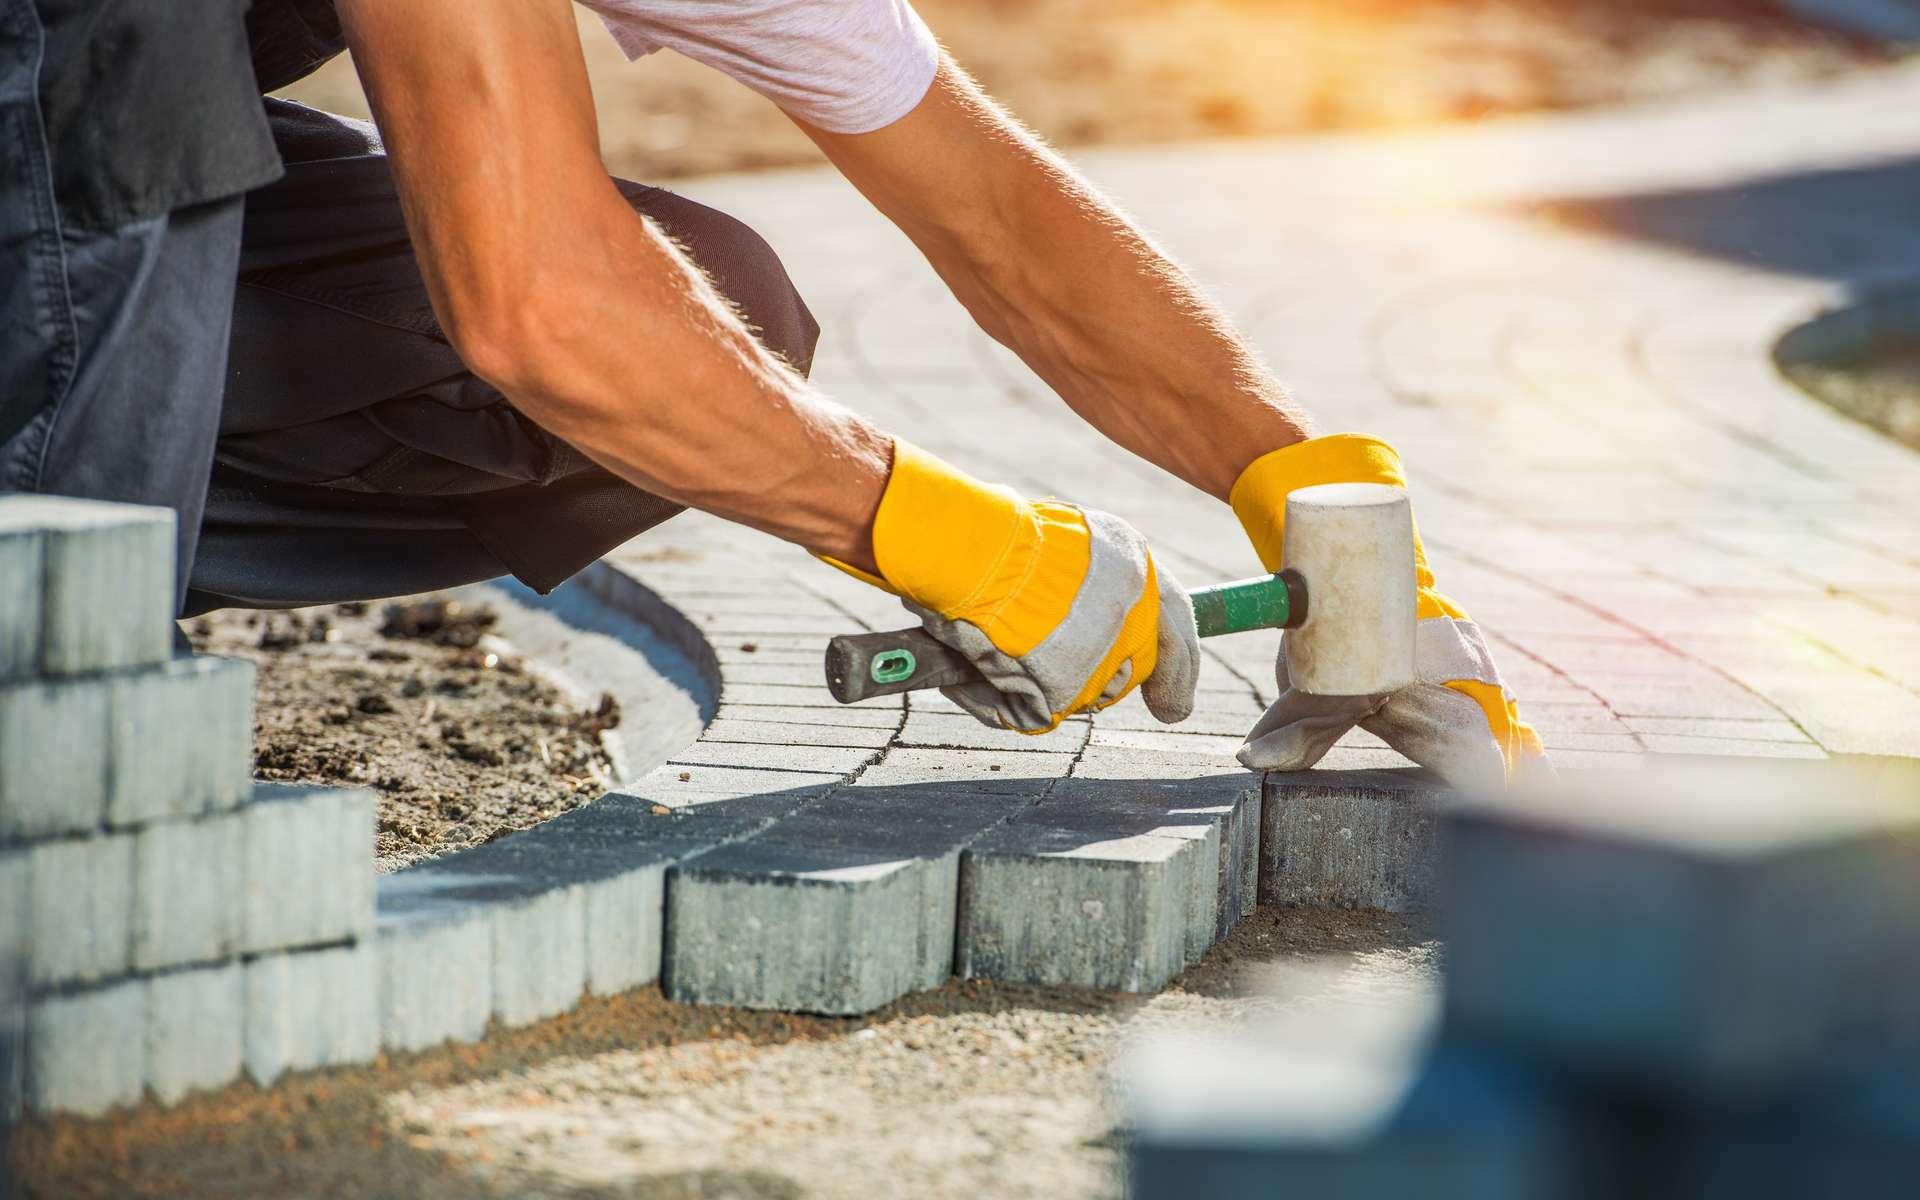 Dalles ou pavés, pour créer une allée dans le jardin, la pose peut s'effectuer sur un lit de sable compacté ou sur une dalle armée en béton. © Tomasz Zajda, Adobe Stock